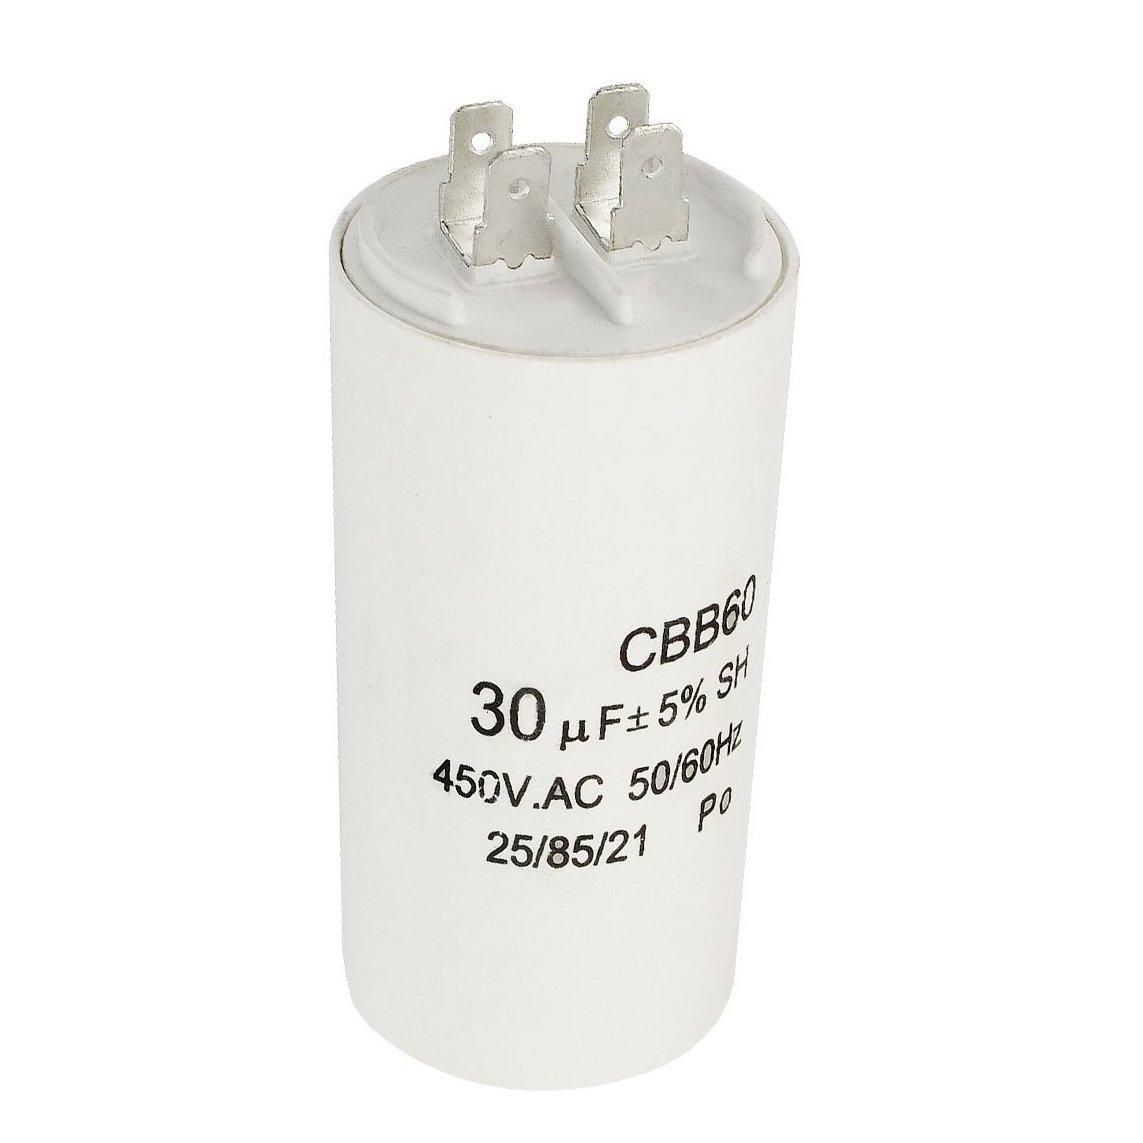 CBB60 AC 450 V 50/60 hz 30 uf in polipropilene pellicola funzionamento del motore condensatore TOOGOO(R) 032144